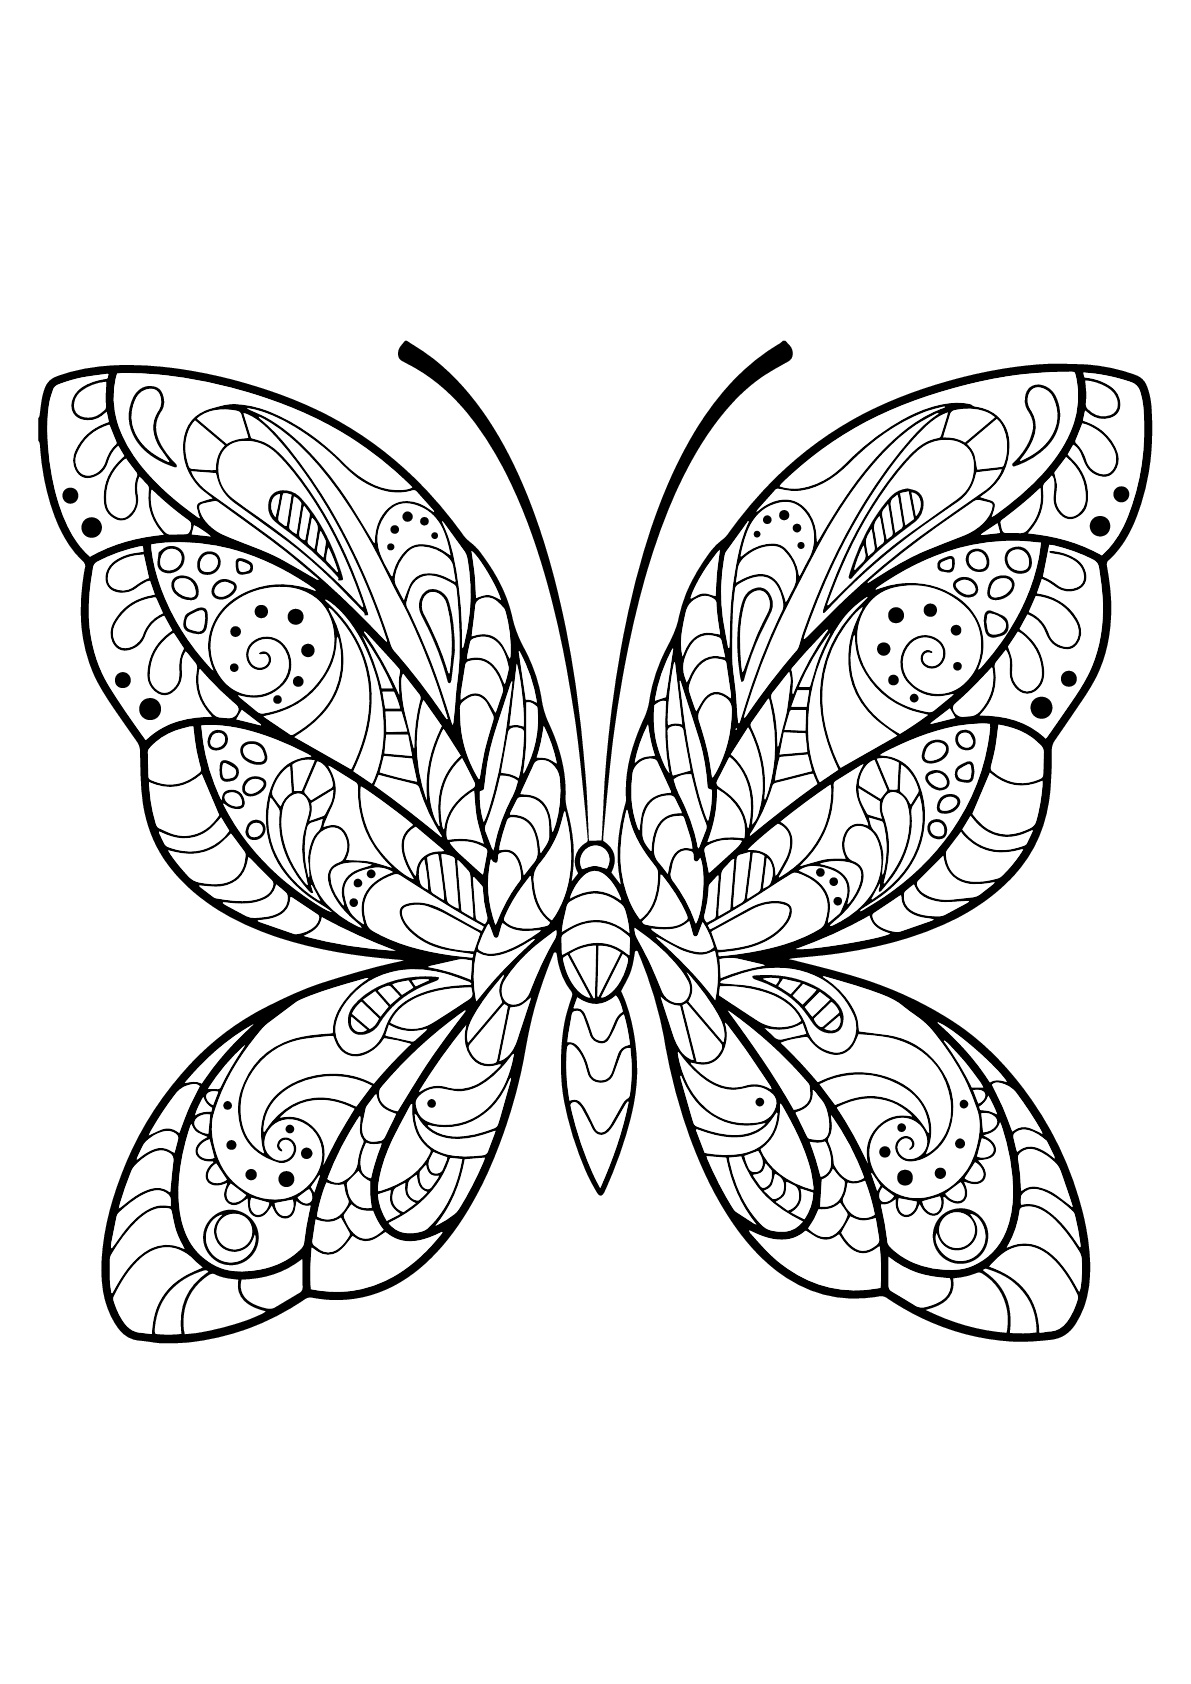 Disegni da colorare per adulti : Insetti - 15